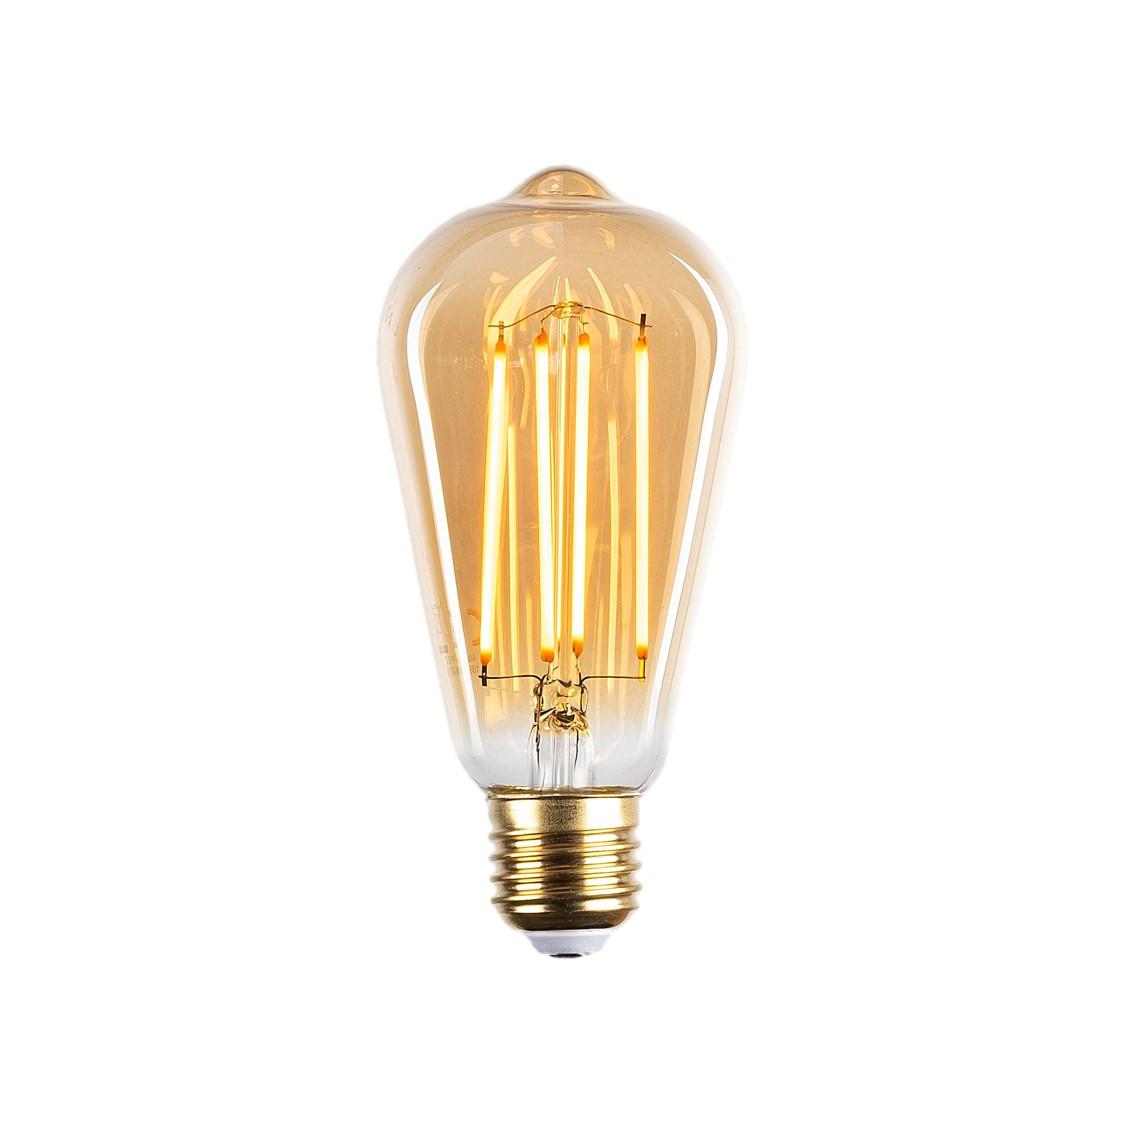 LED Light Bulb OP - 026   14,2 cm